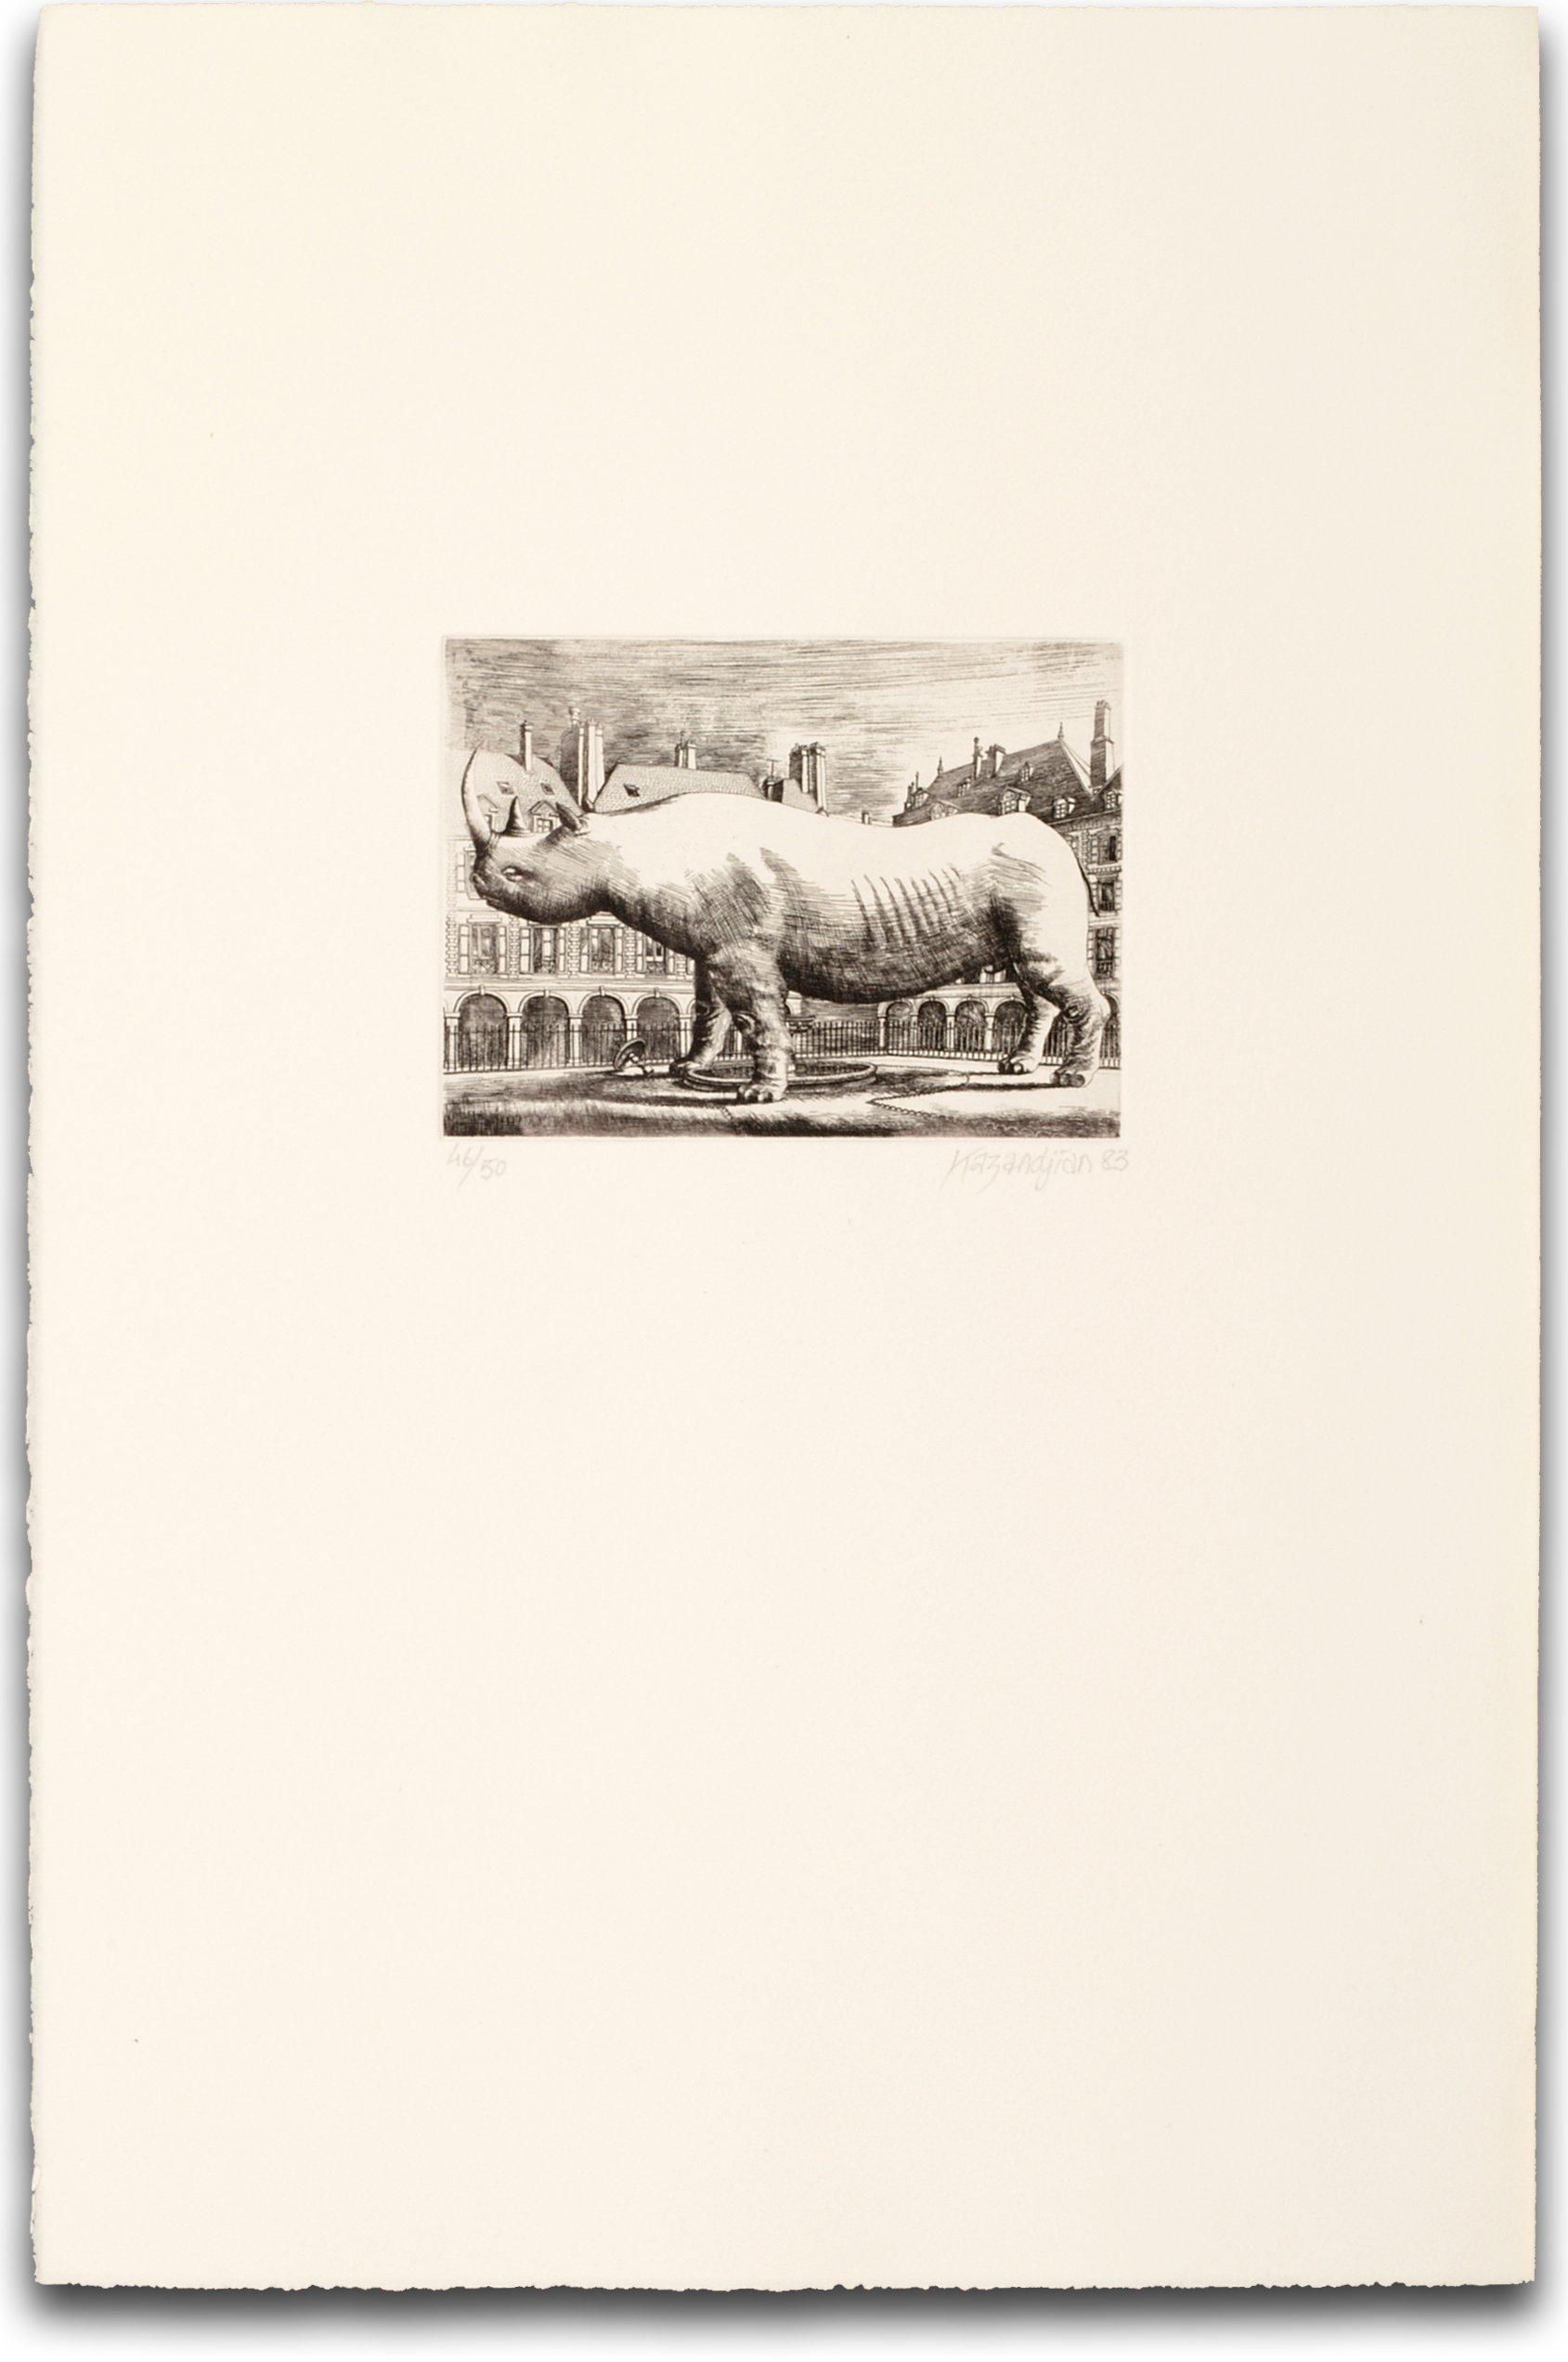 Le Rhinocéros de la place des Vosges